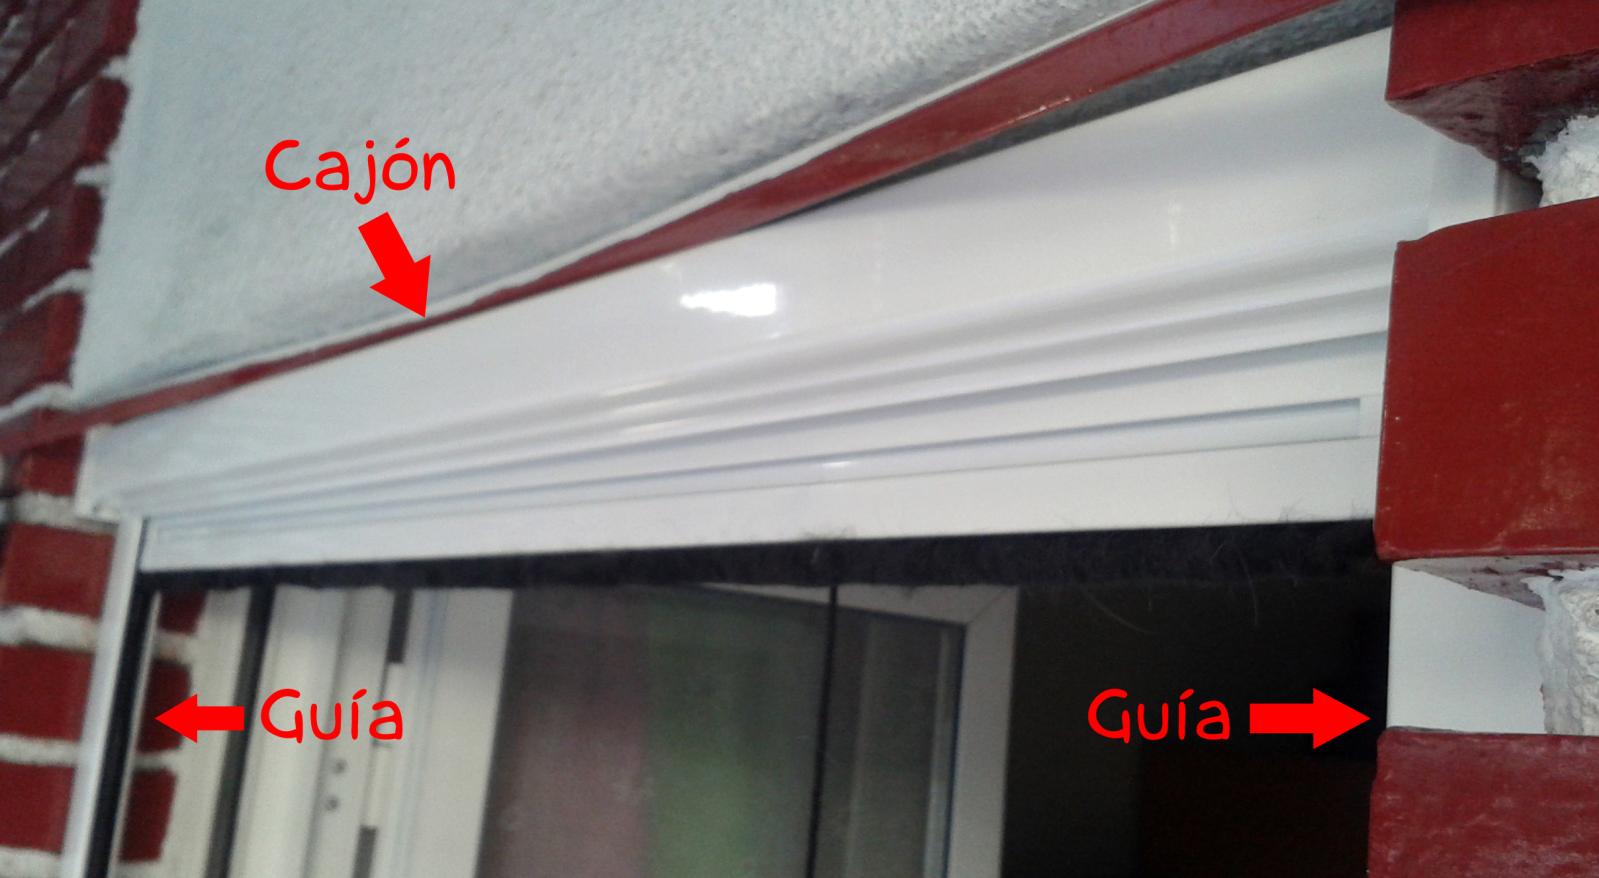 redes - Mosquiteras y redes para las ventanas y cómo proteger a nuestros gatos - Página 9 34o1mx4